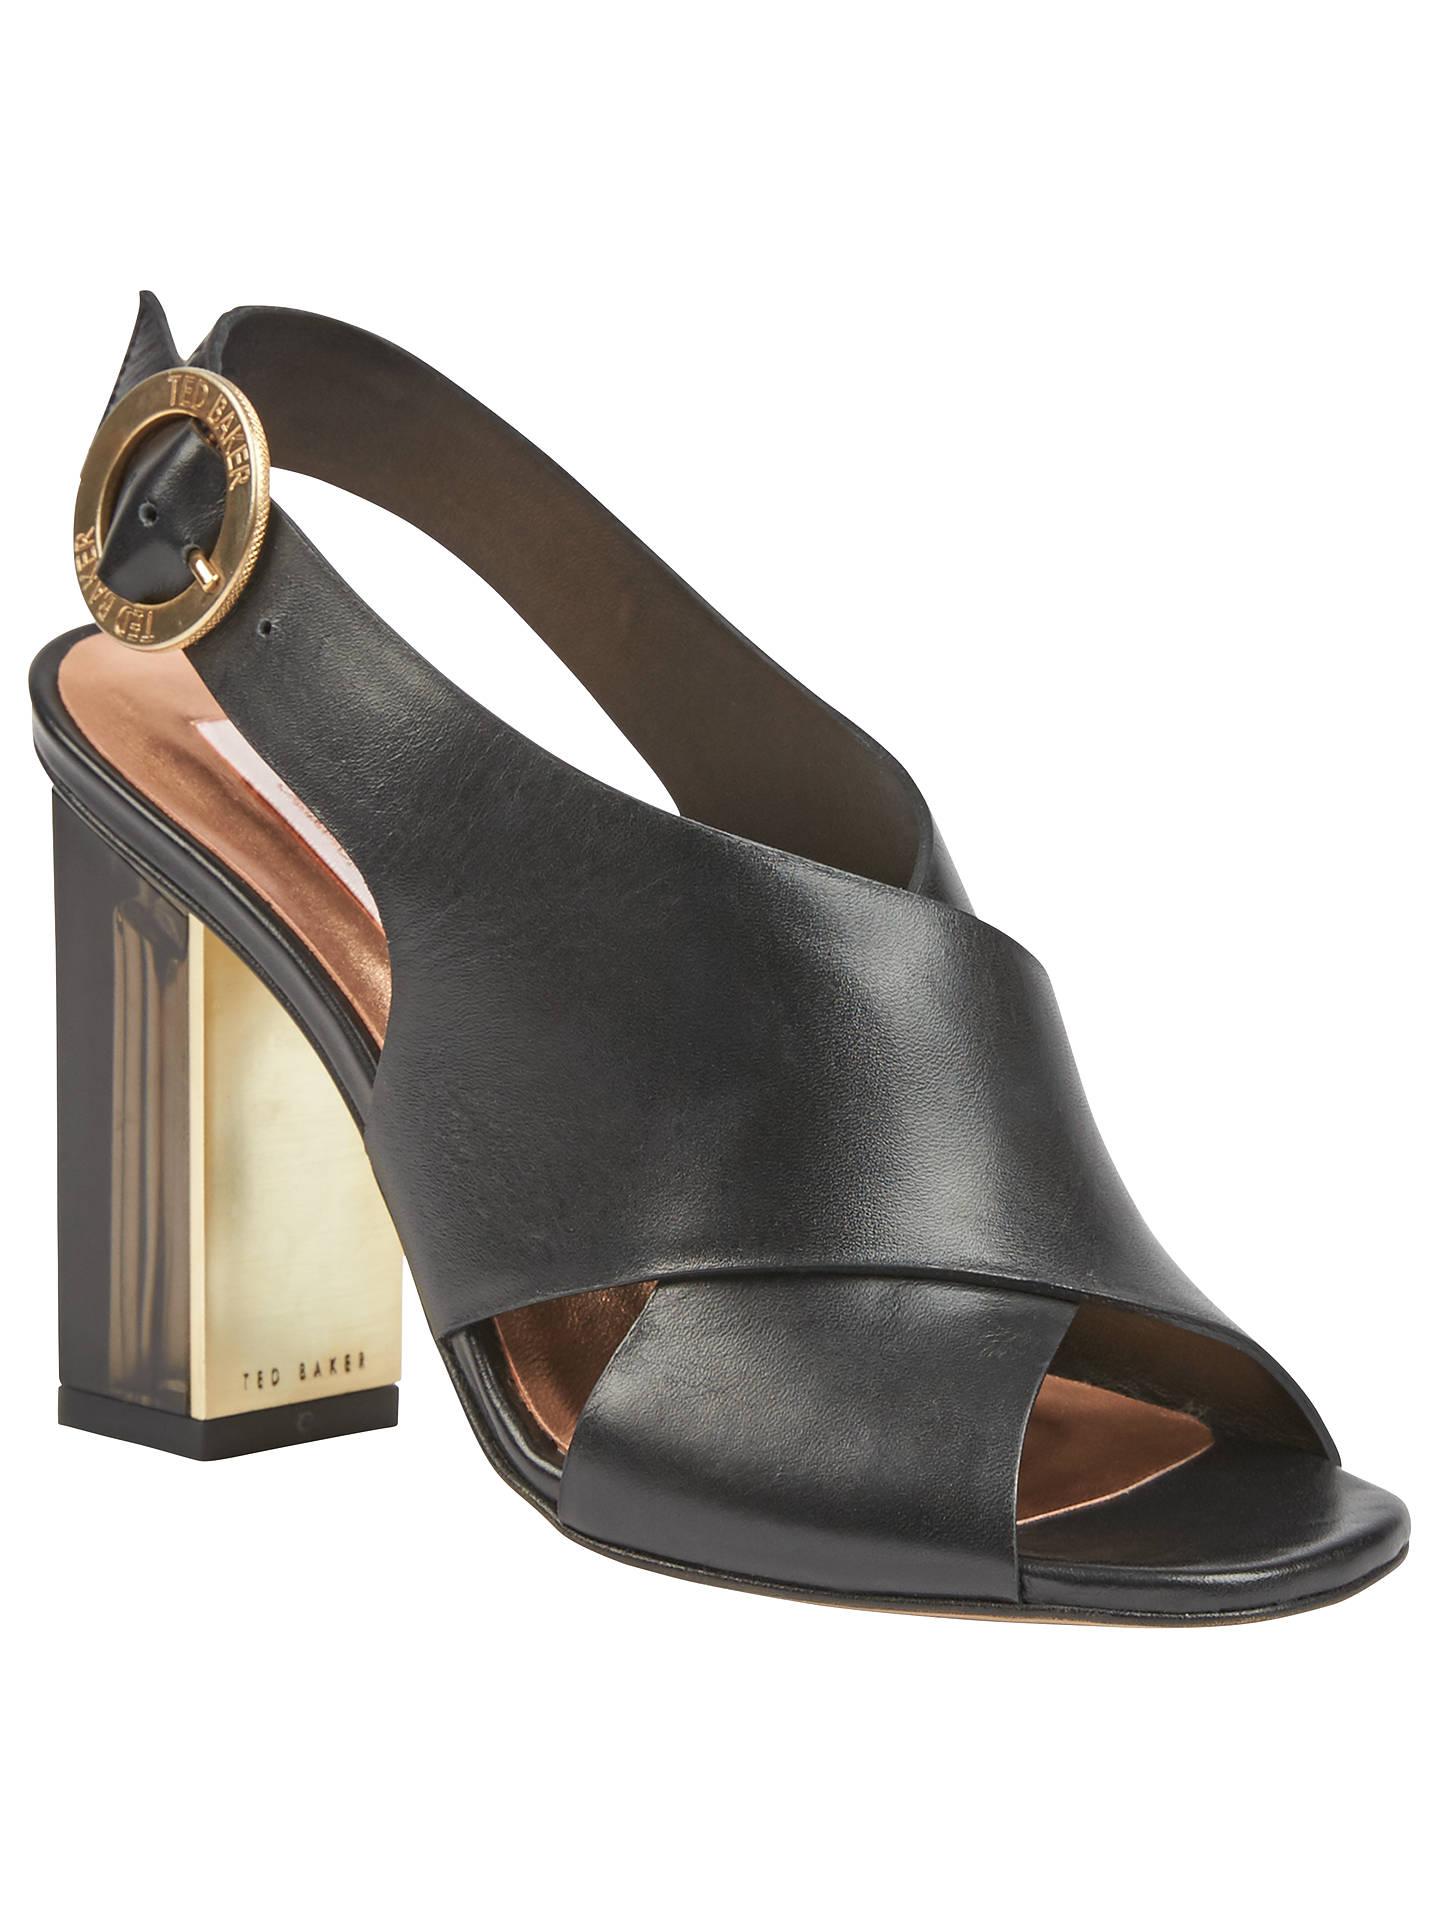 dc96e4d89 Ted Baker Naiyse Block Heeled Sandals at John Lewis   Partners